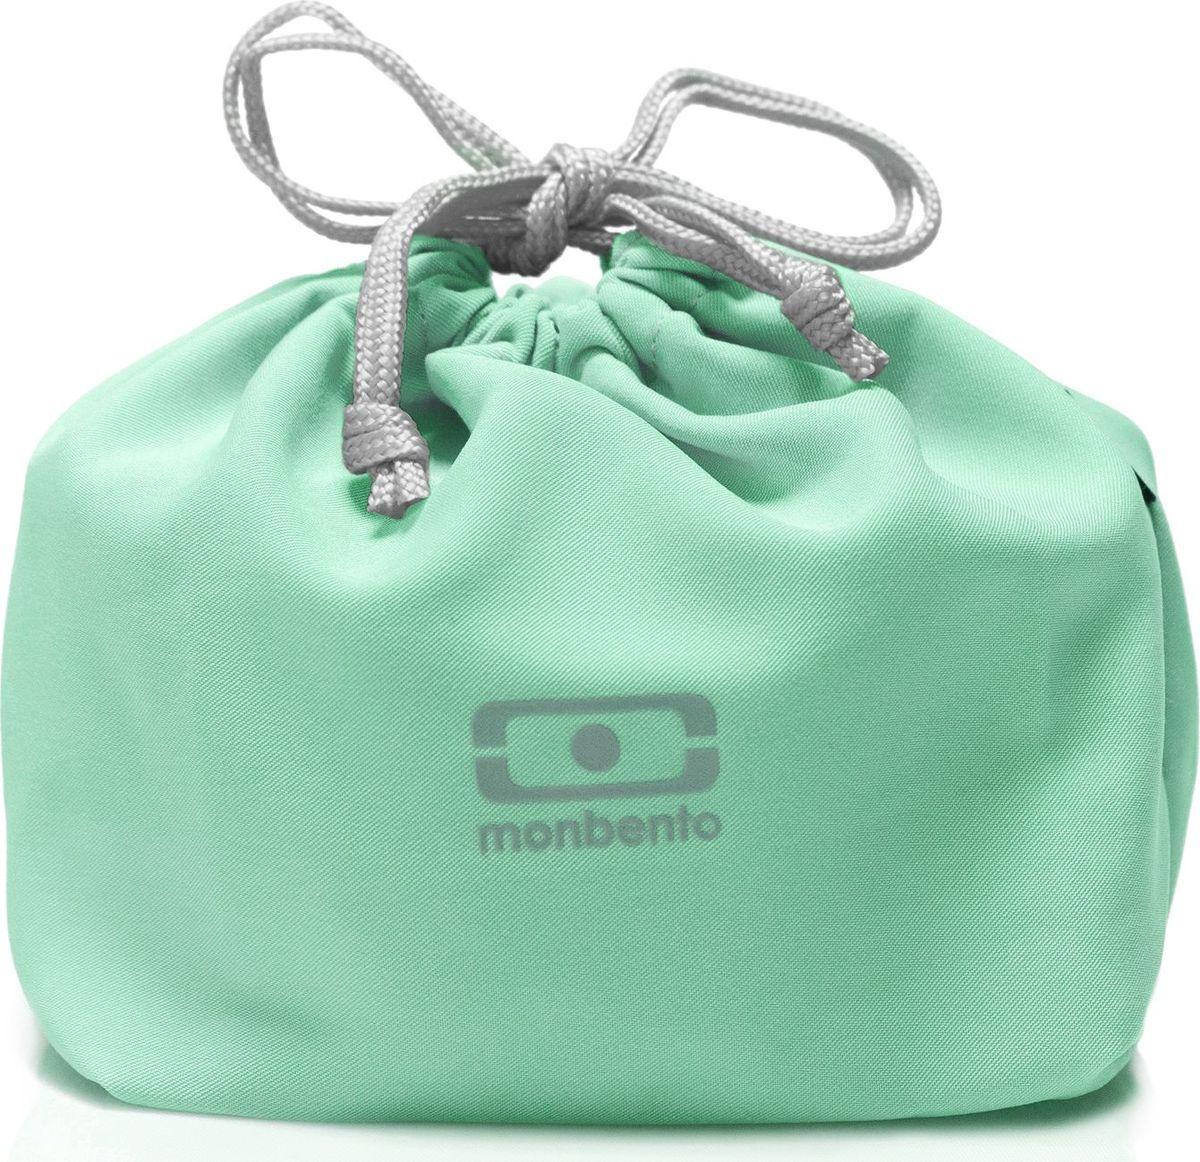 Мешочек для ланча Monbento Pochette, цвет: мятный1002 02 255Идеальное дополнение к каждому ланч-боксу! Стильный мешочек для ланча поможет вам комфортно и надежно транспортировать ланч-бокс, положив его в сумку или даже неся в руке. Сложите в мешочек все, что вам понадобится для обеда: ланч-бокс, приборы, салфетки и другие нужные вещи. Все это будет в целости и сохранности, а вы сможете комфортно пообедать в любом месте.Вместительный мешочек защитит ланч-бокс и другие предметы от механических повреждений и позволит компактно транспортировать все обеденные принадлежности. Вам не нужно будет тратить время на поиски того или иного предмета – все будет под рукой!Практичный и легкий в уходе полиэстер очень просто стирать, для него разрешена машинная стирка.